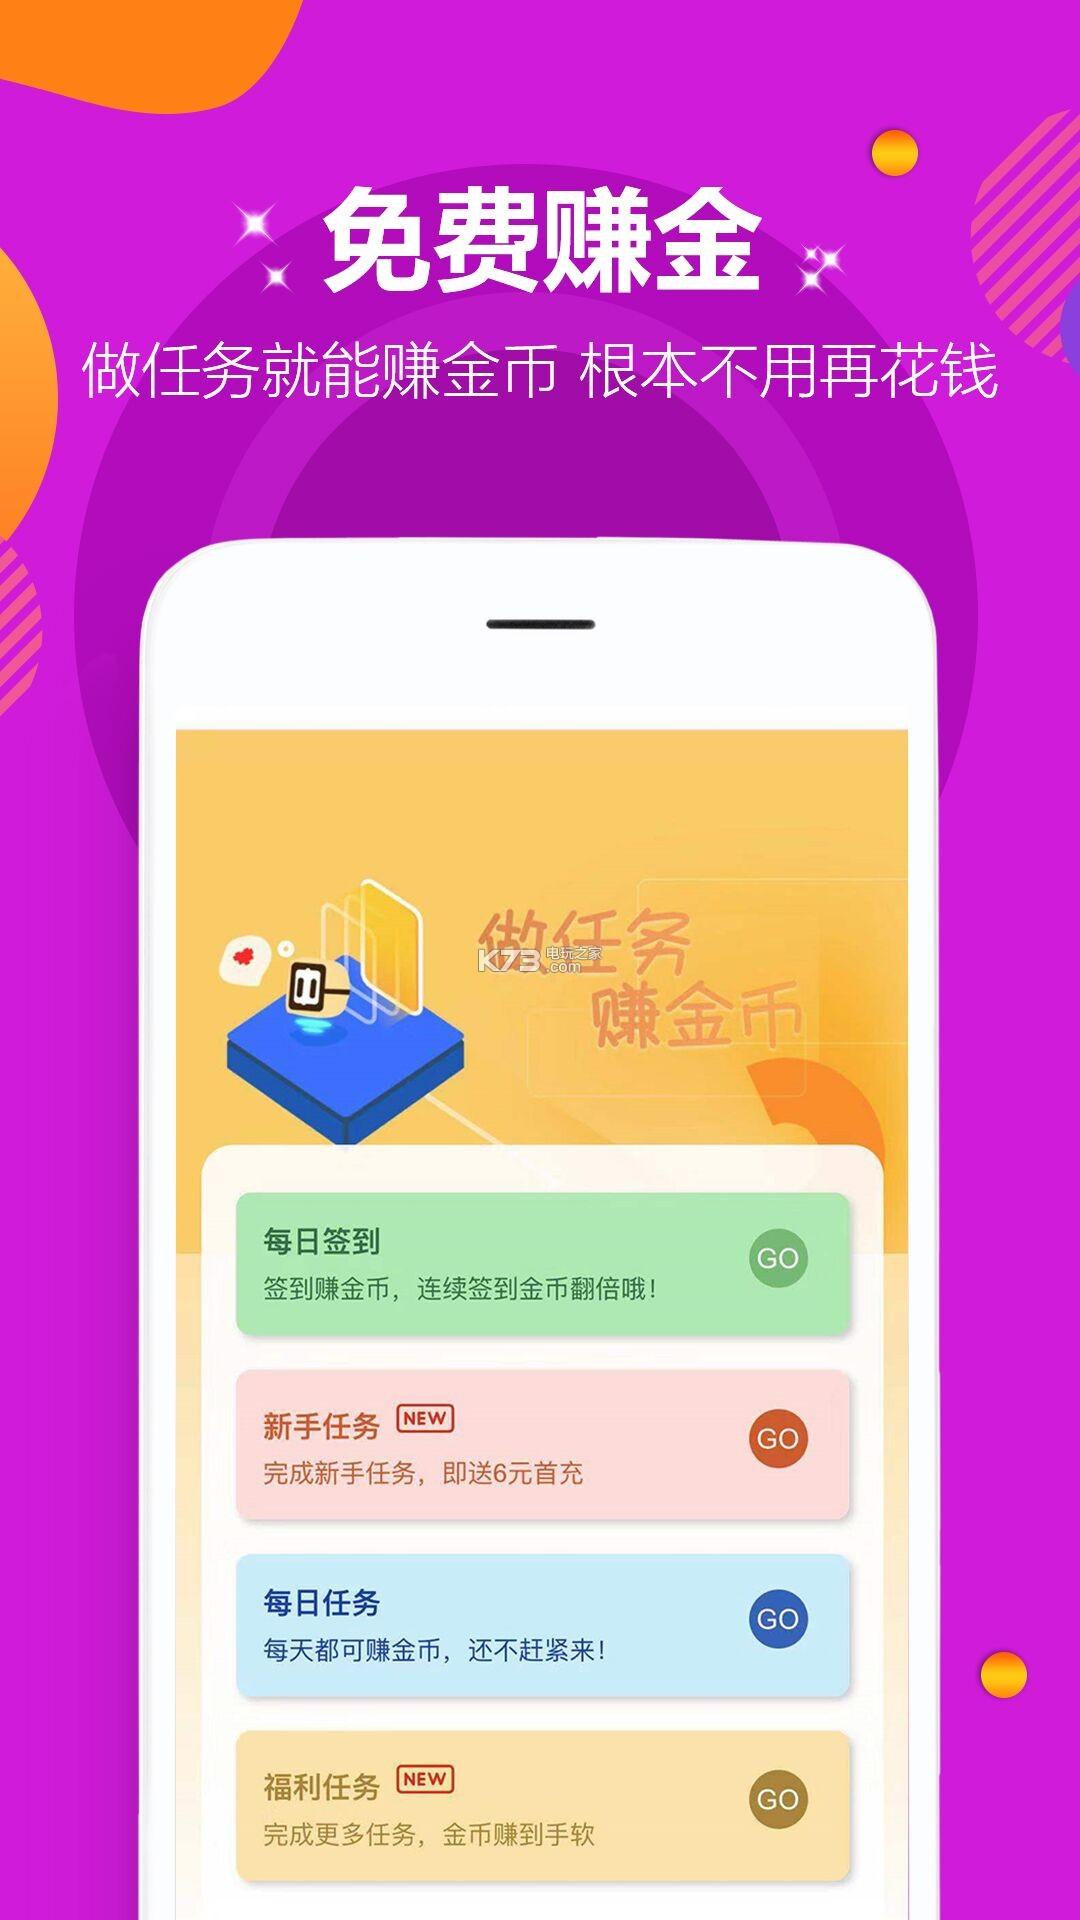 麦游盒子 v2.0.3 app下载 截图